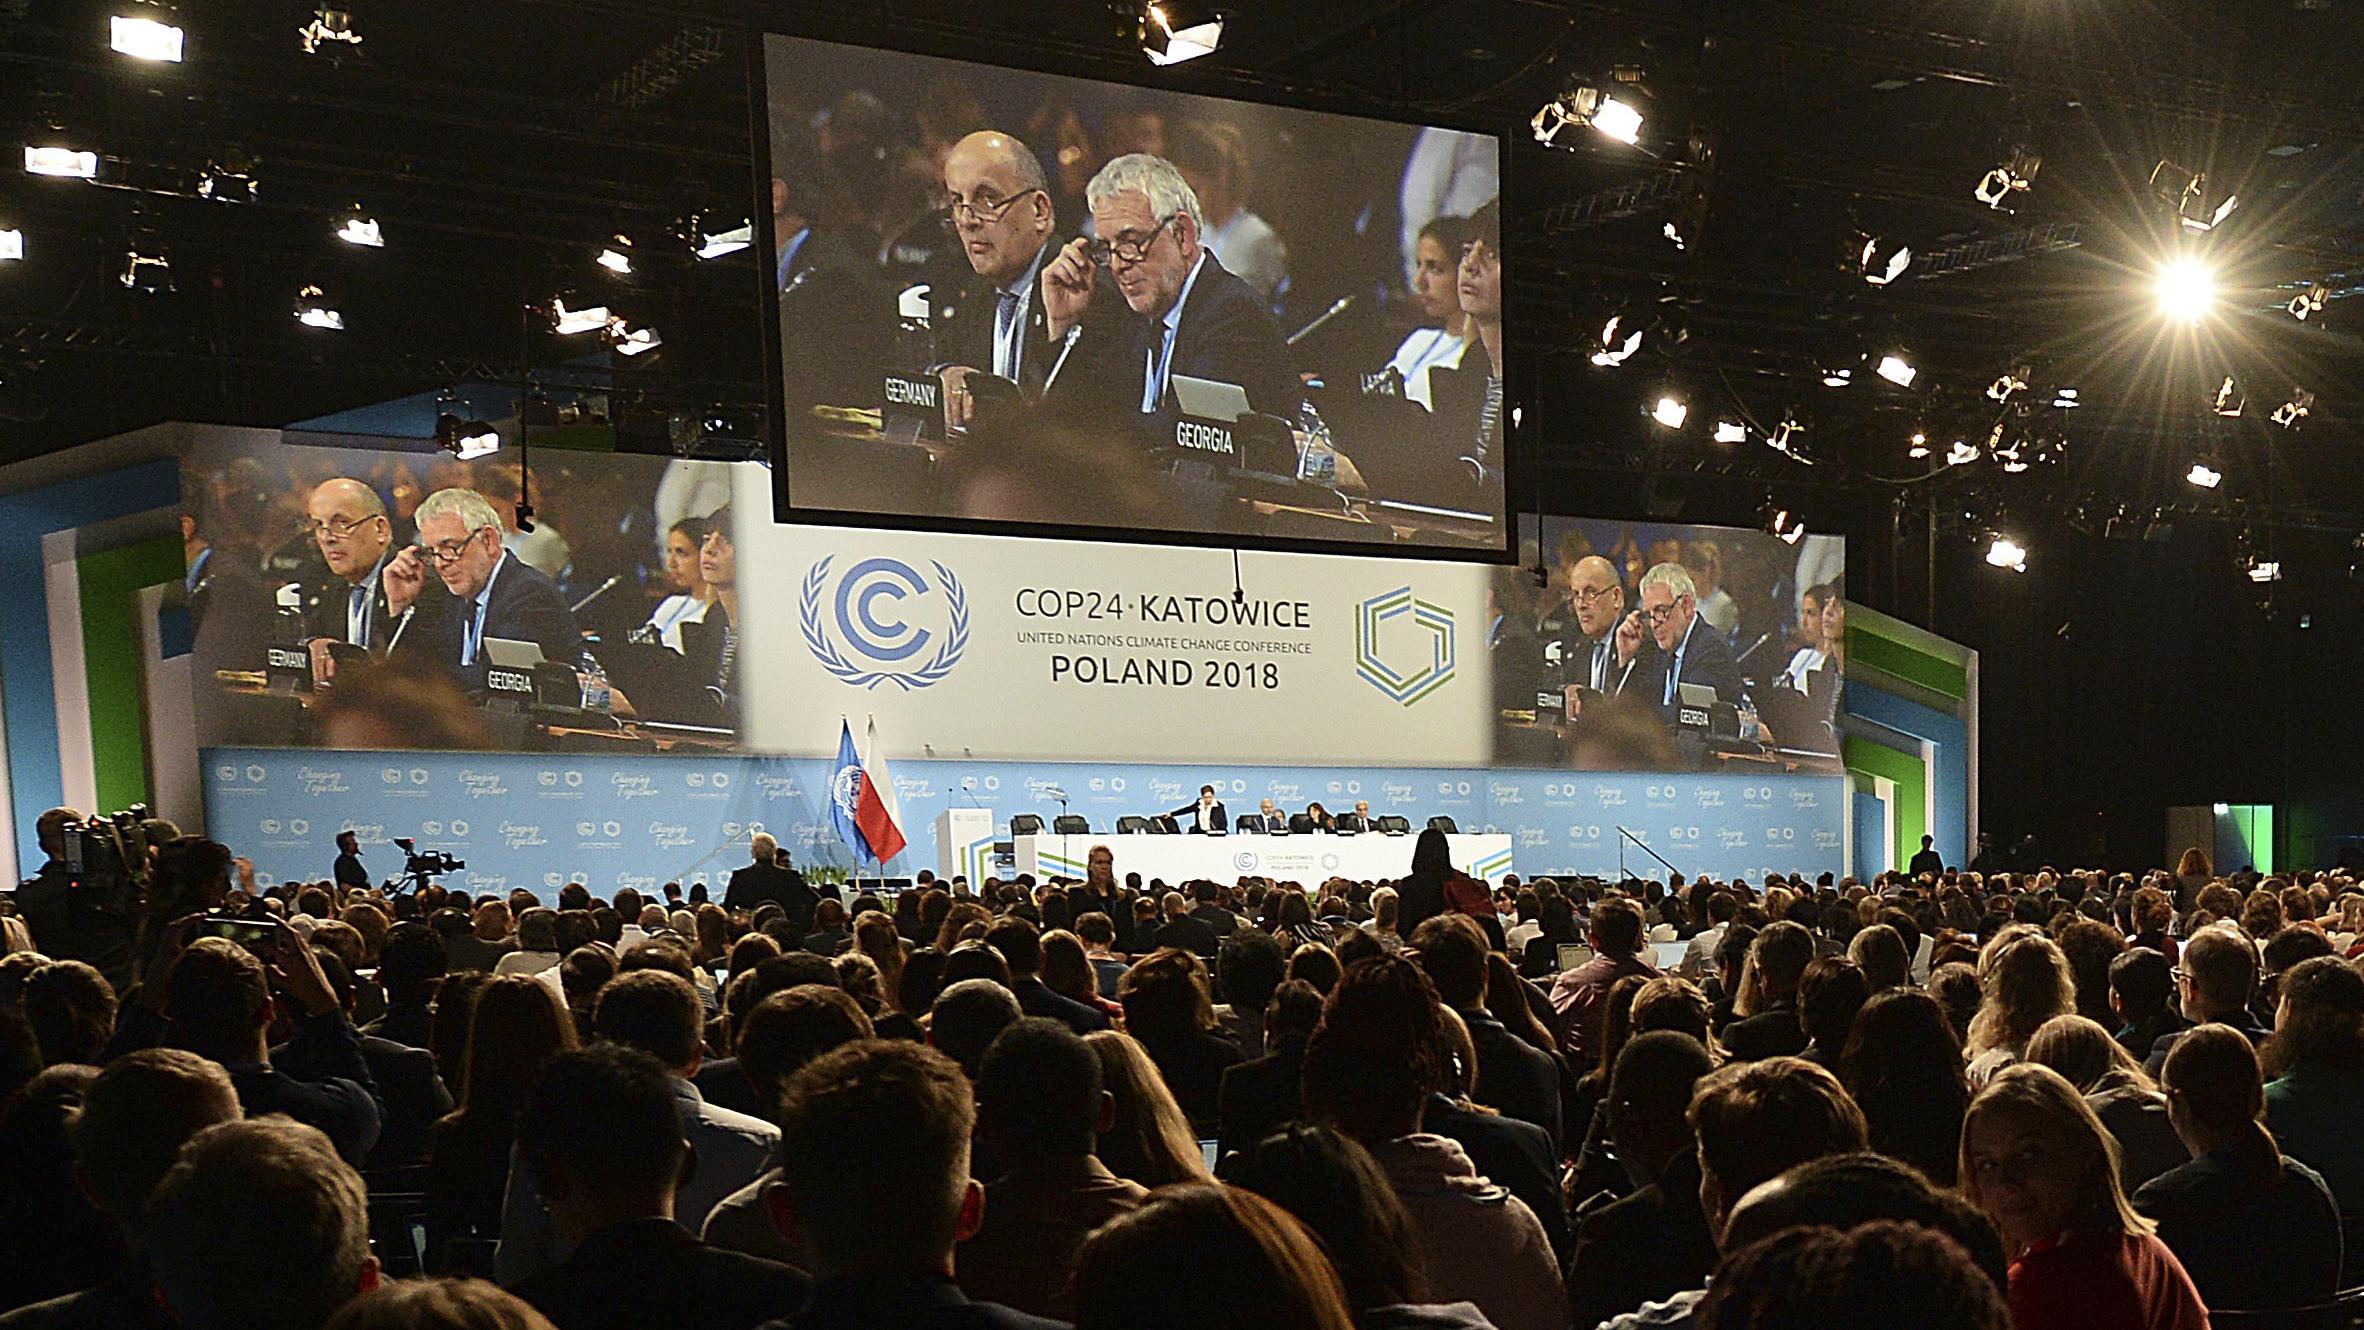 Der Verhandlungssaal der Klimakonferenz in Kattowitz